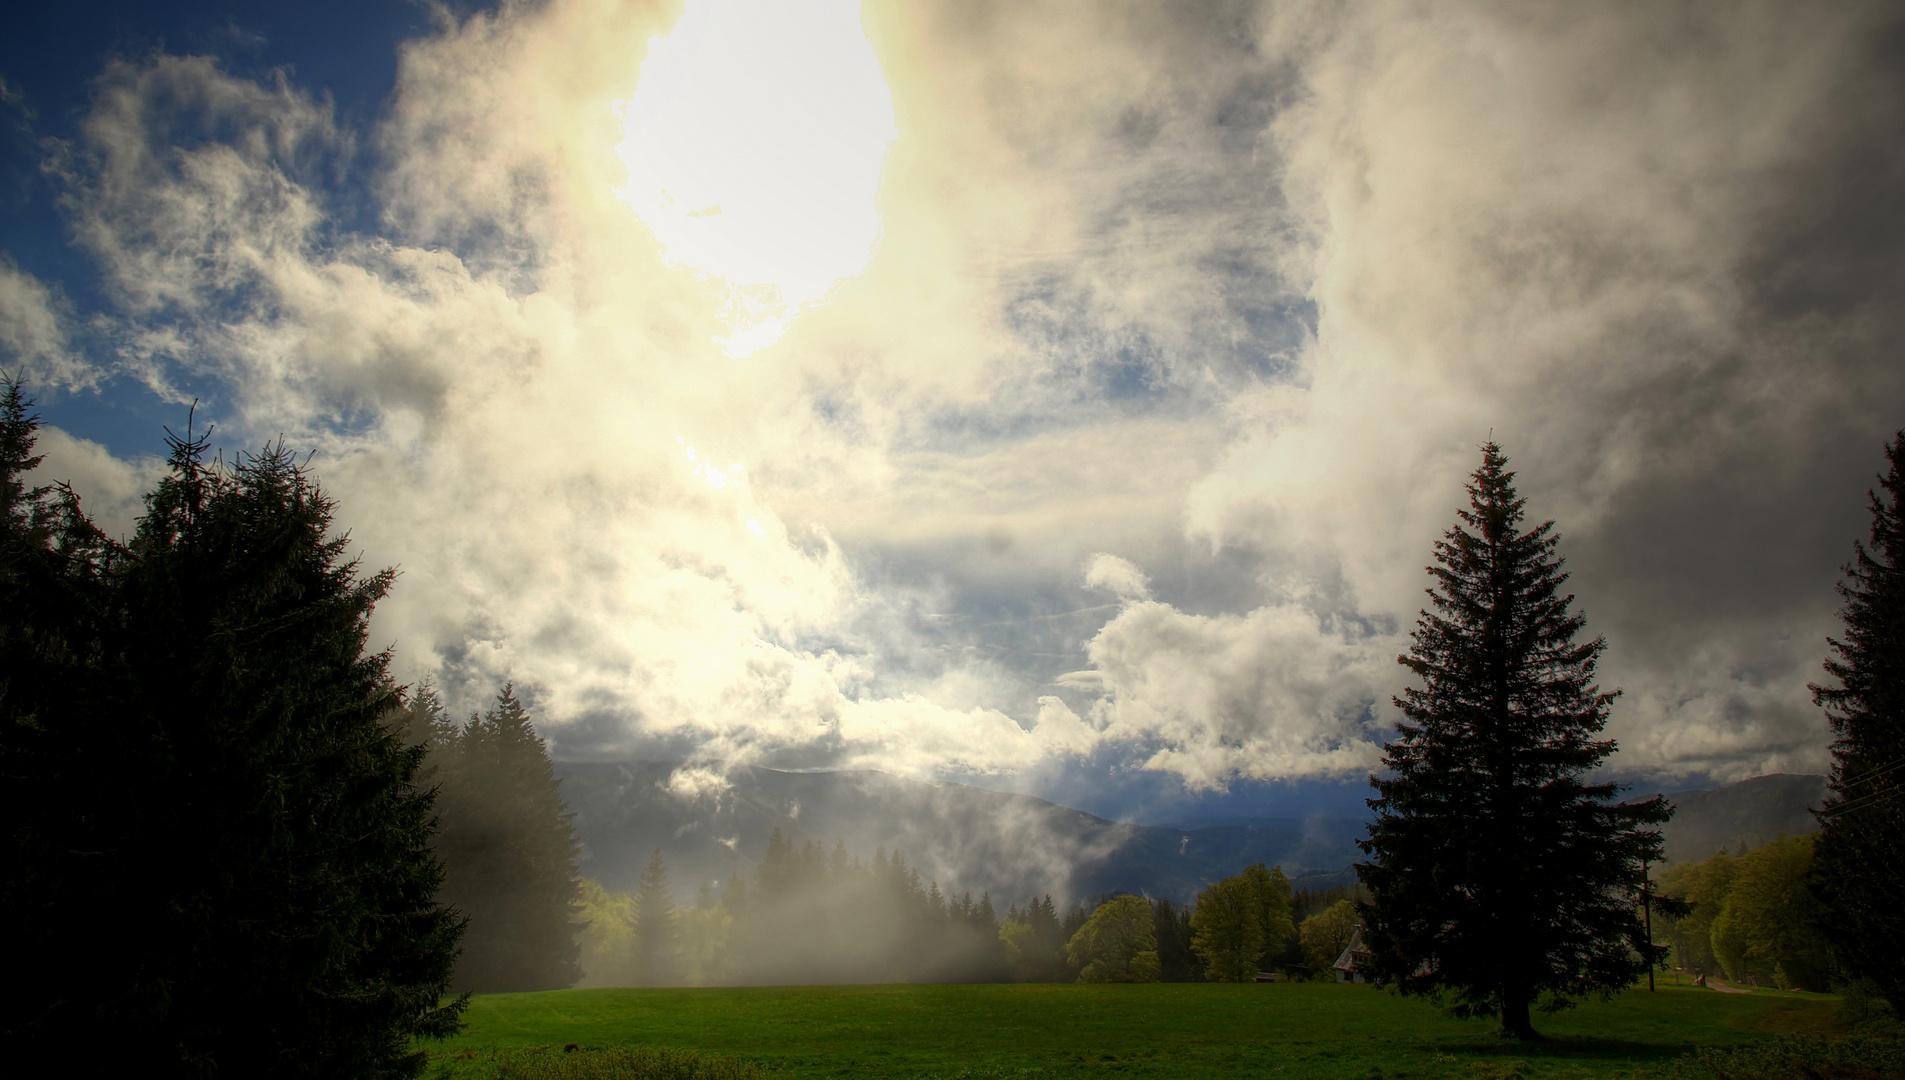 Licht-Wolkenspektakel